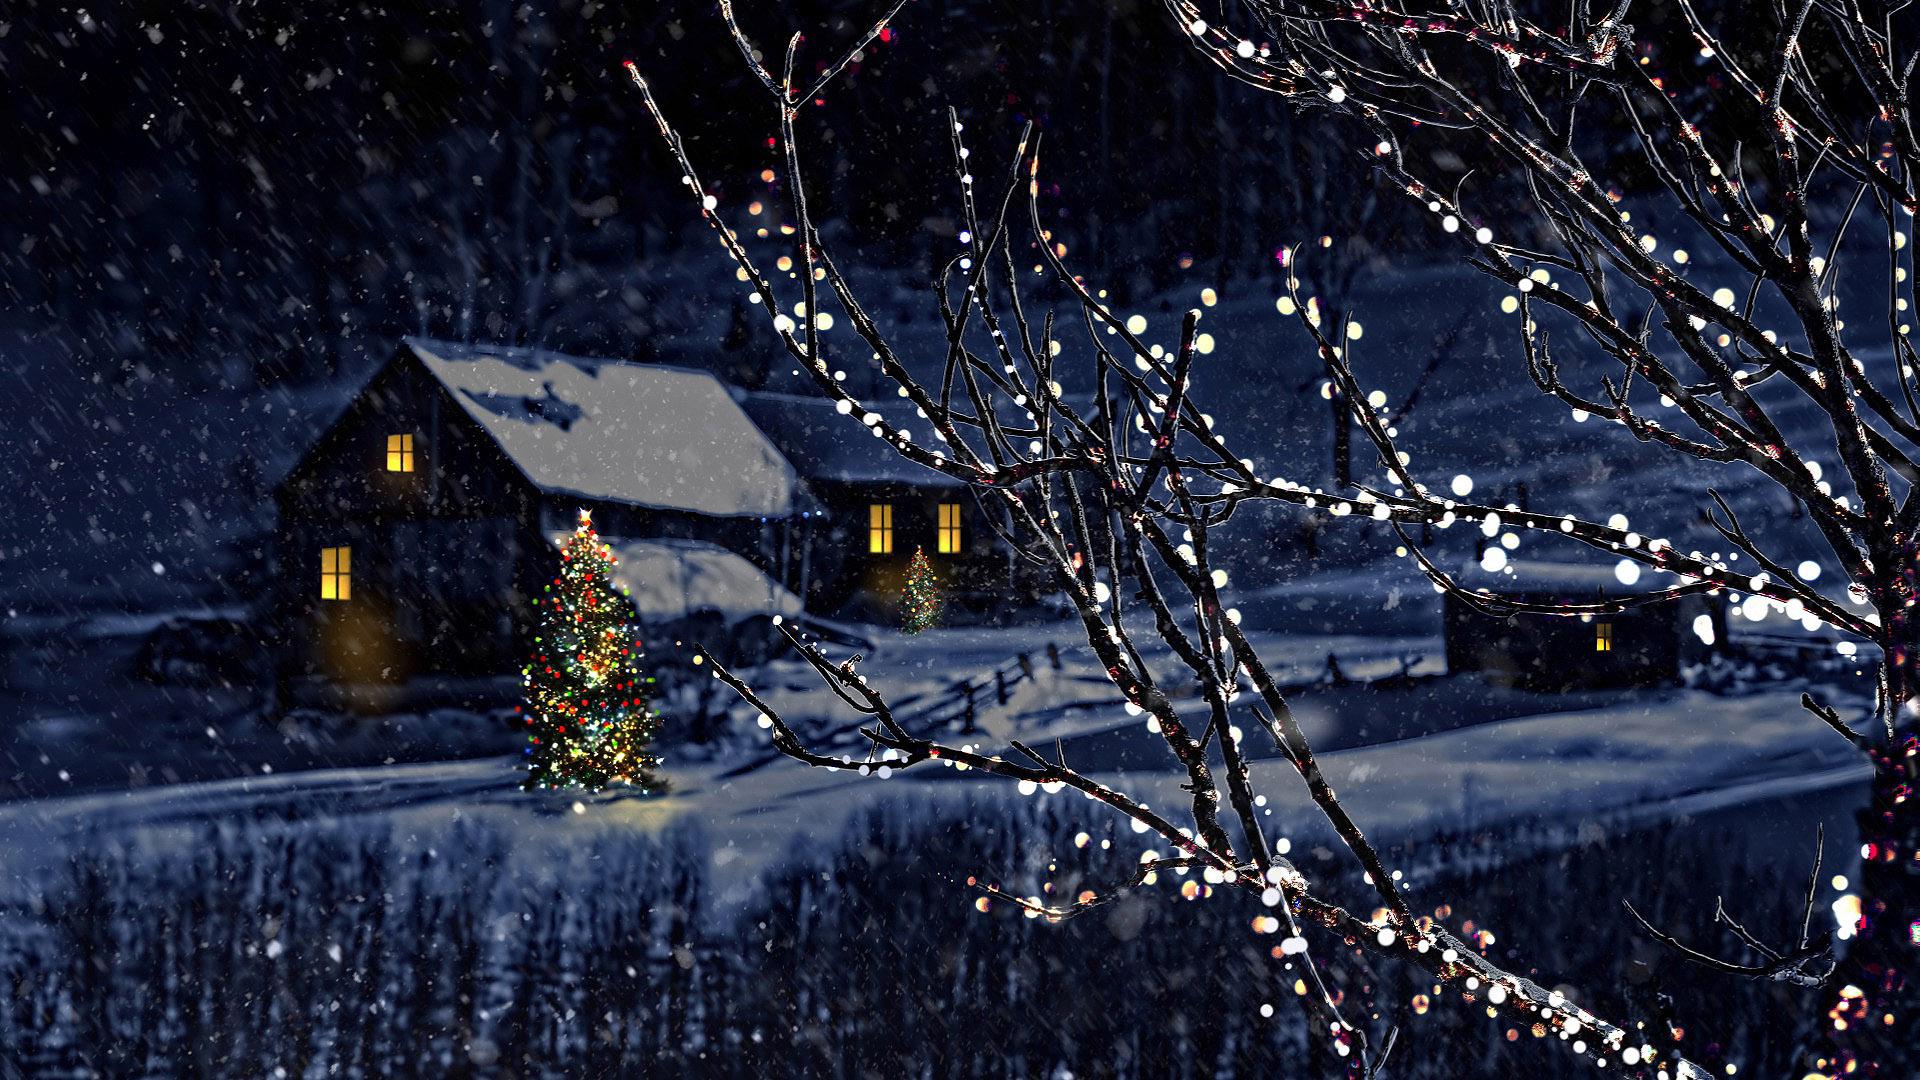 HDoboi.Kiev.ua - Украшенные деревья гирляндами на Рождество, обои на телефон андроид Новый год 2020